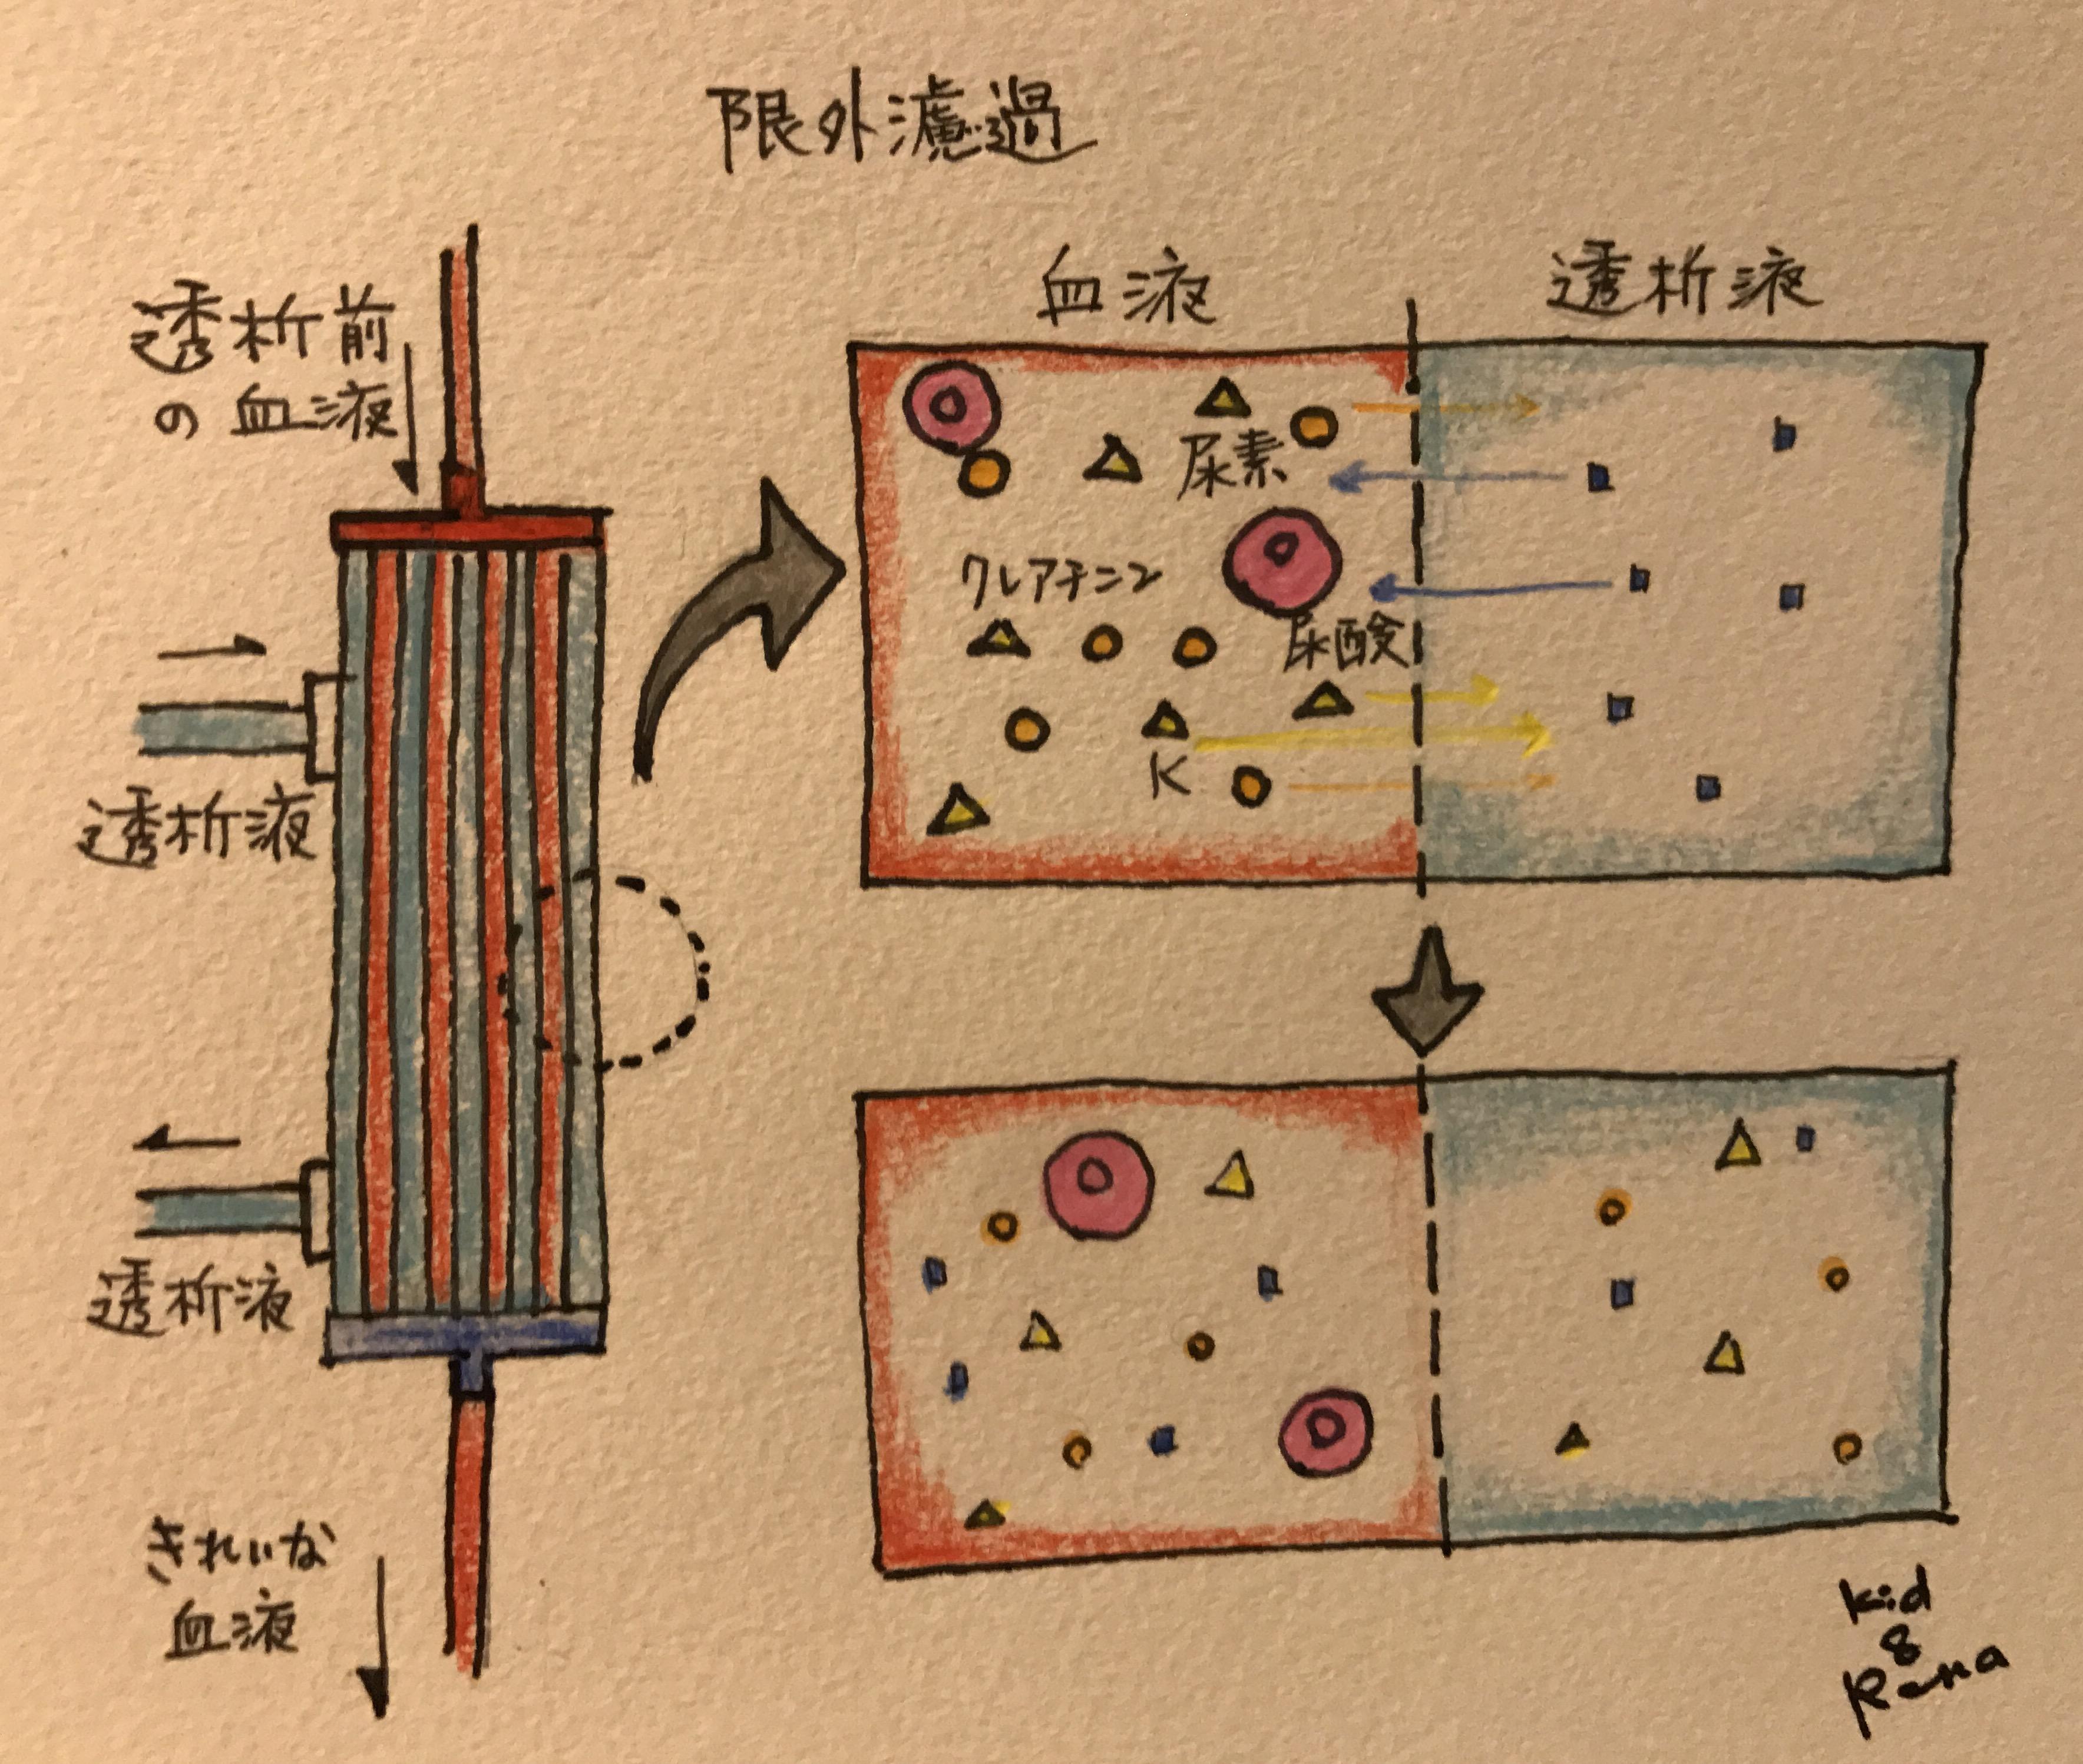 血液透析の原理